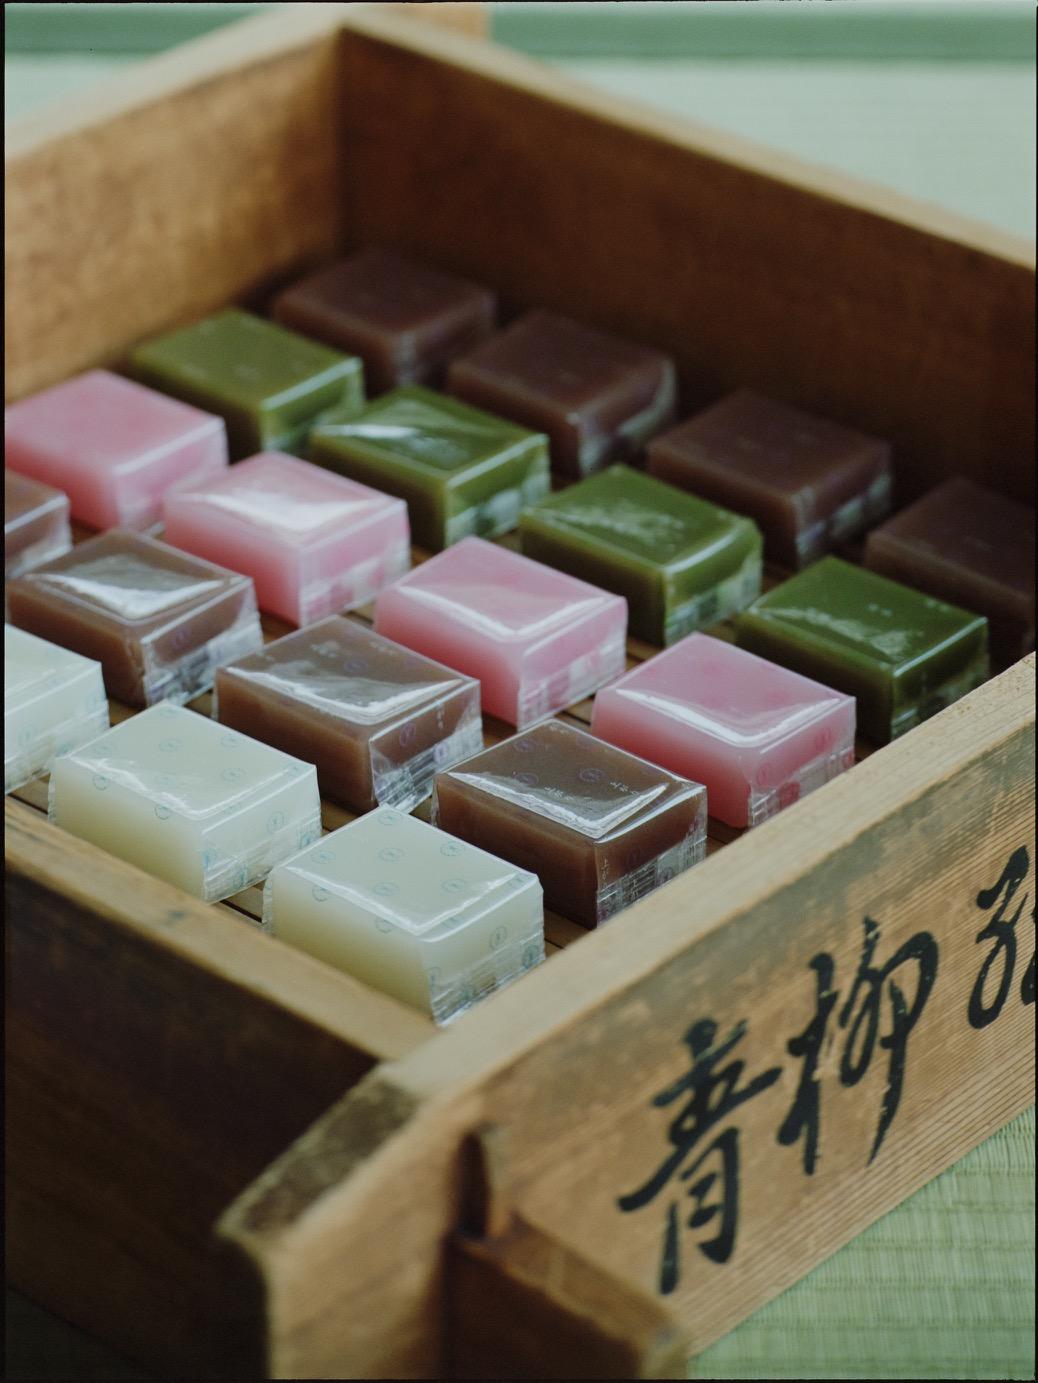 【決定版】名古屋のおすすめ穴場スポット〜絶品モーニングから隠れ家バーまで〜 - image3 1